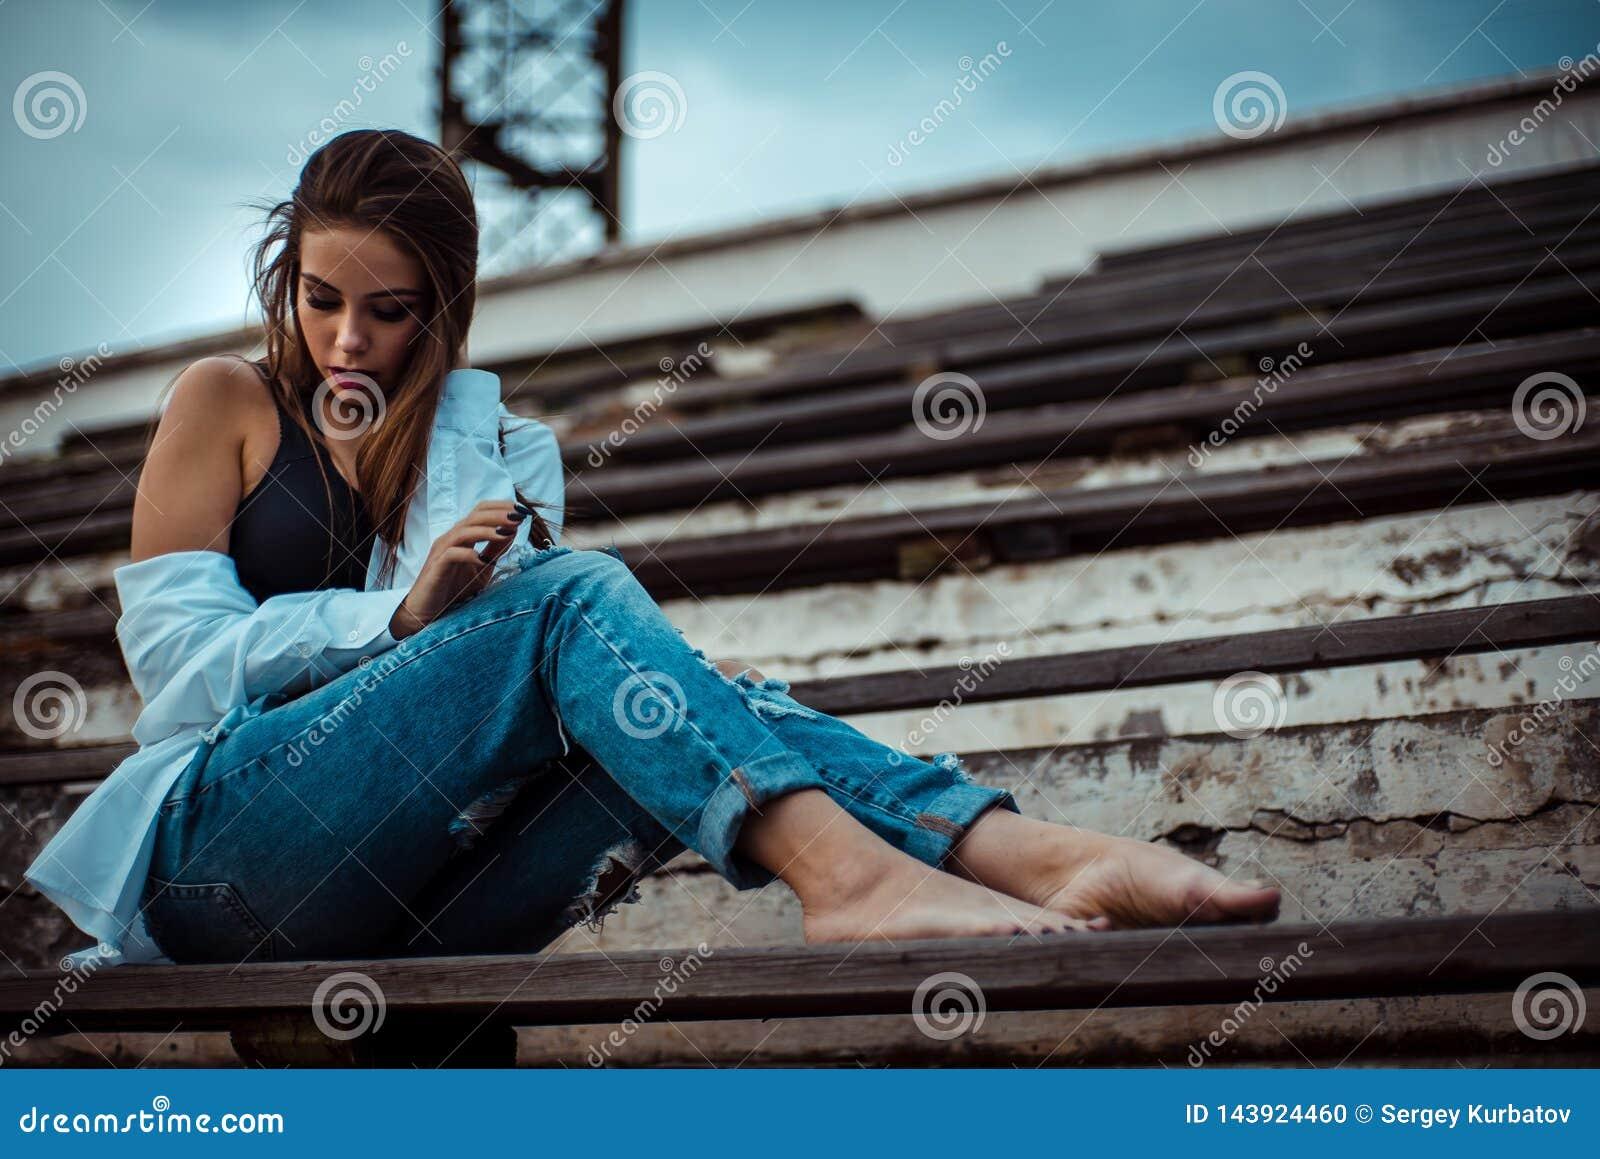 Привлекательная женщина сидя с босыми ногами в стадионе Она носит рубашку и джинсы